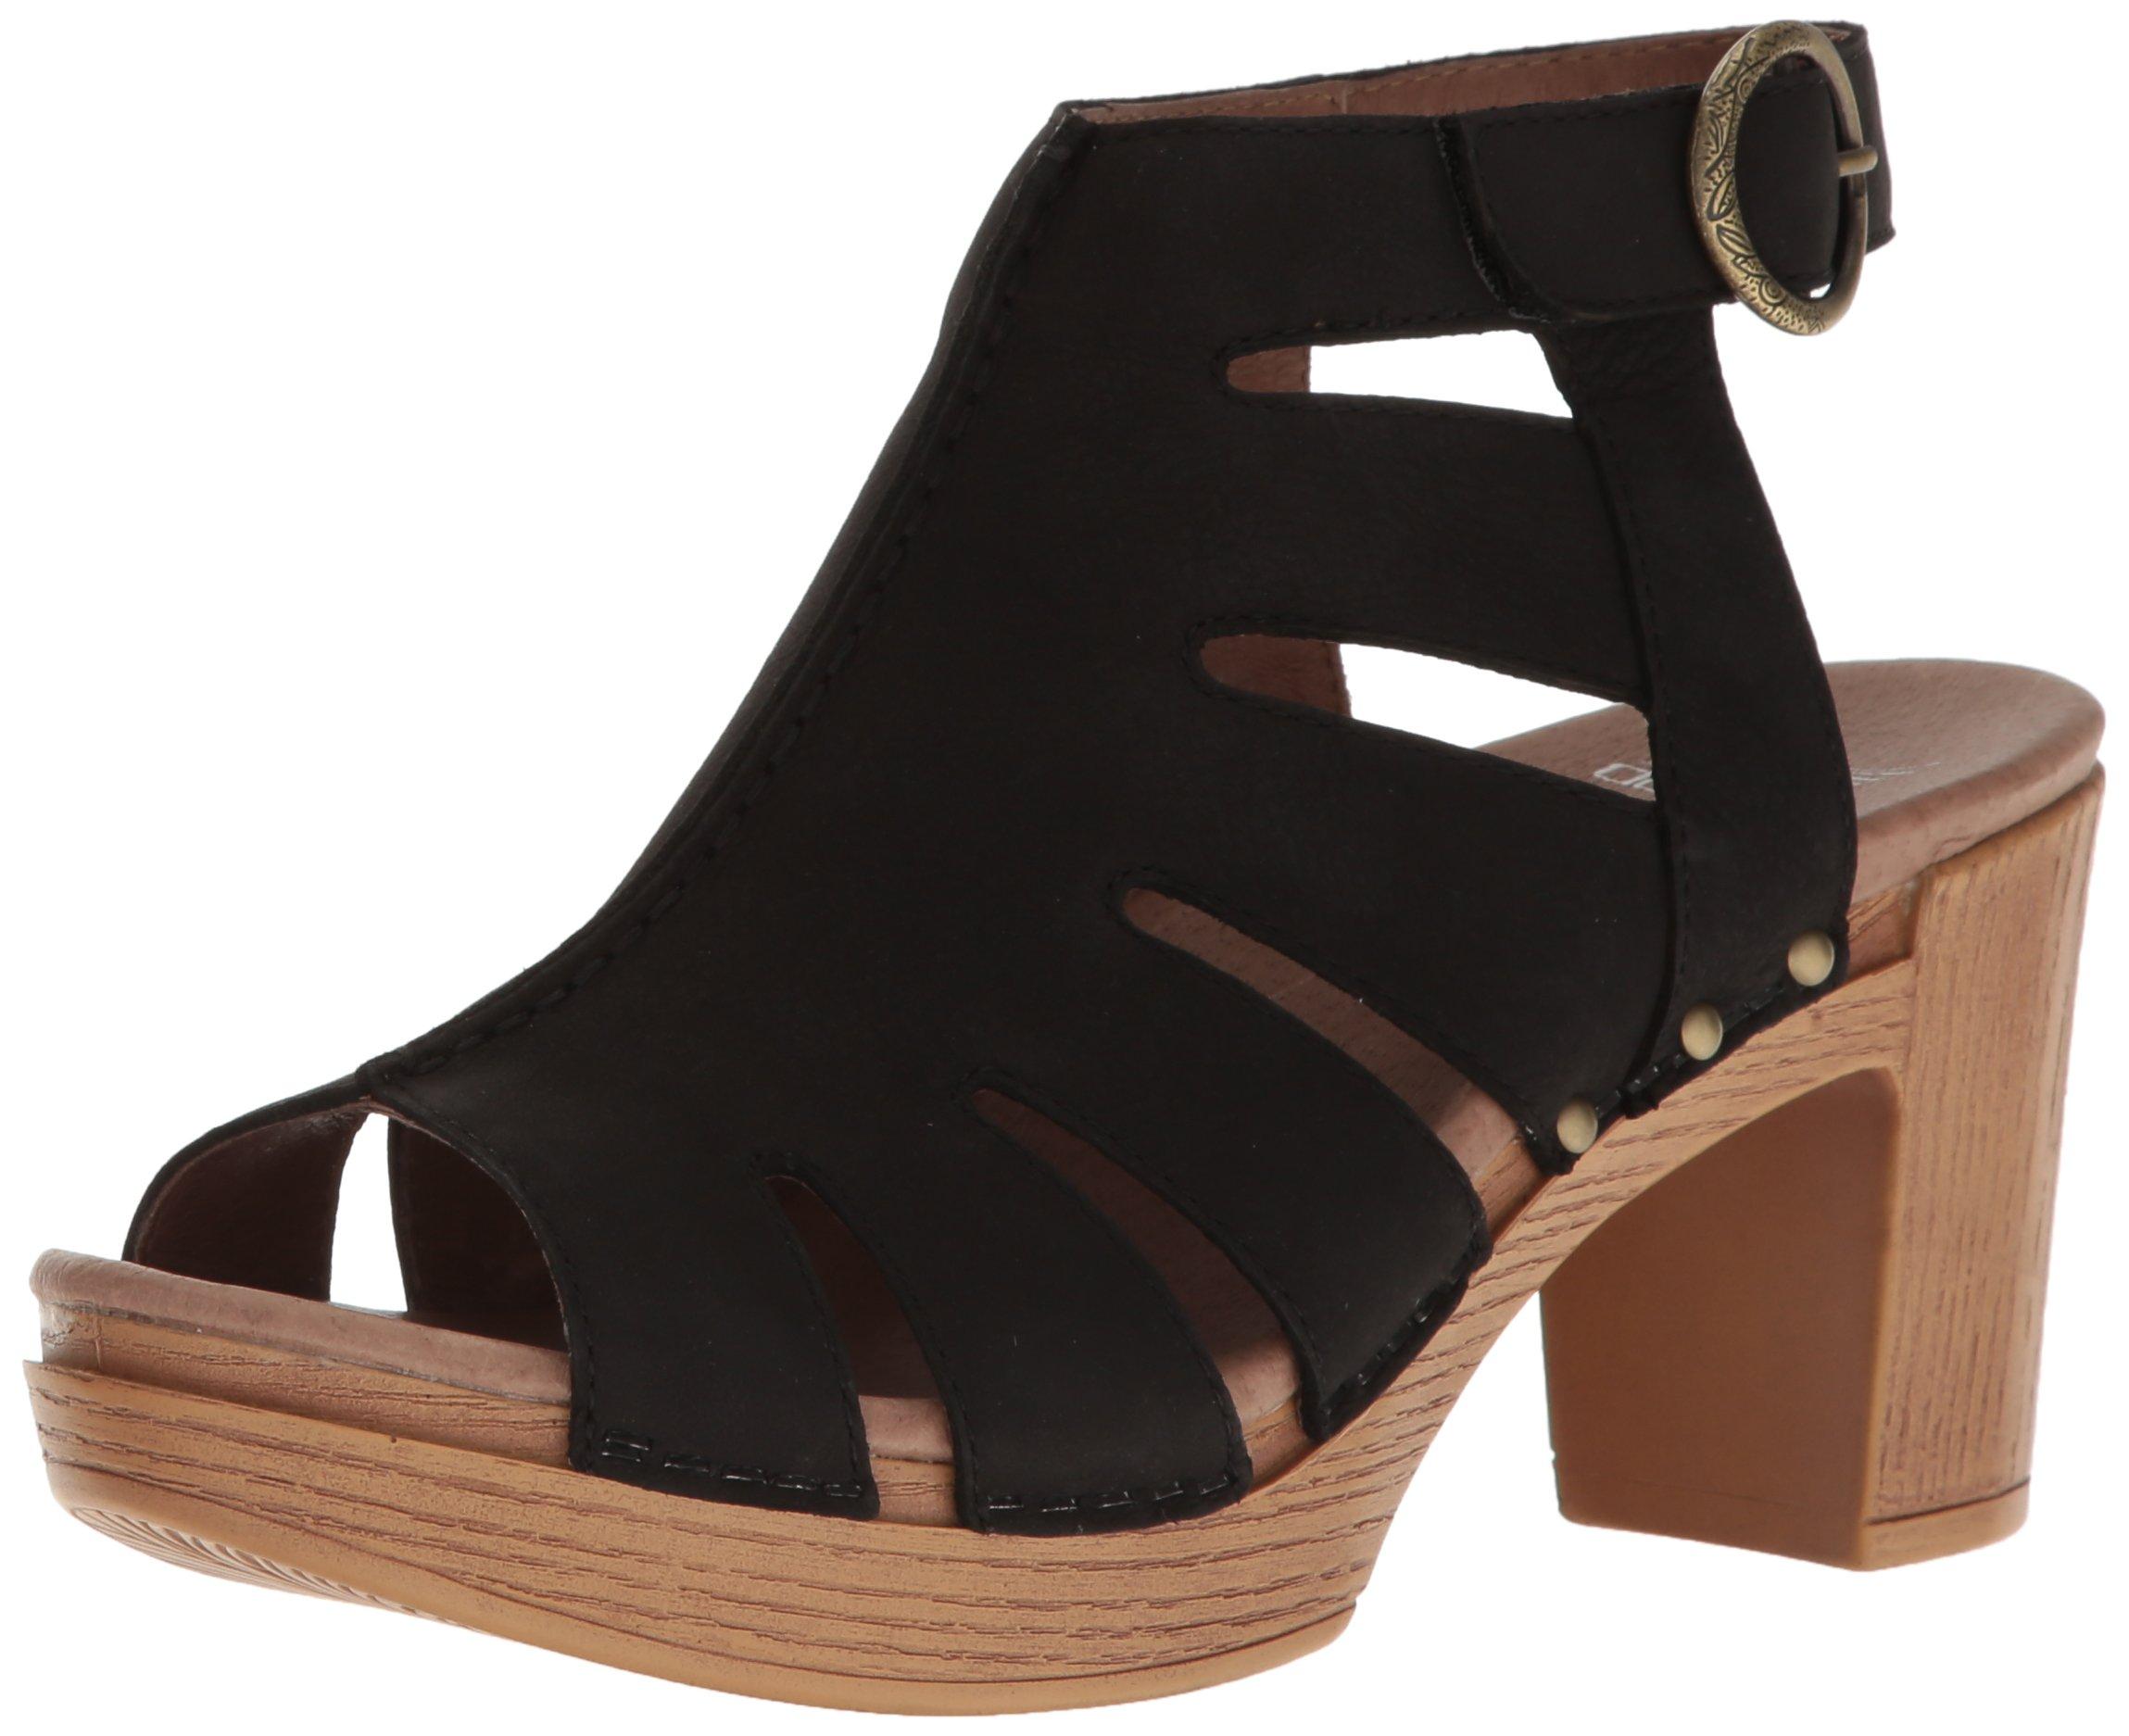 Dansko Women's Demetra Ankle Bootie, Black Milled Nubuck, 37 EU/6.5-7 M US